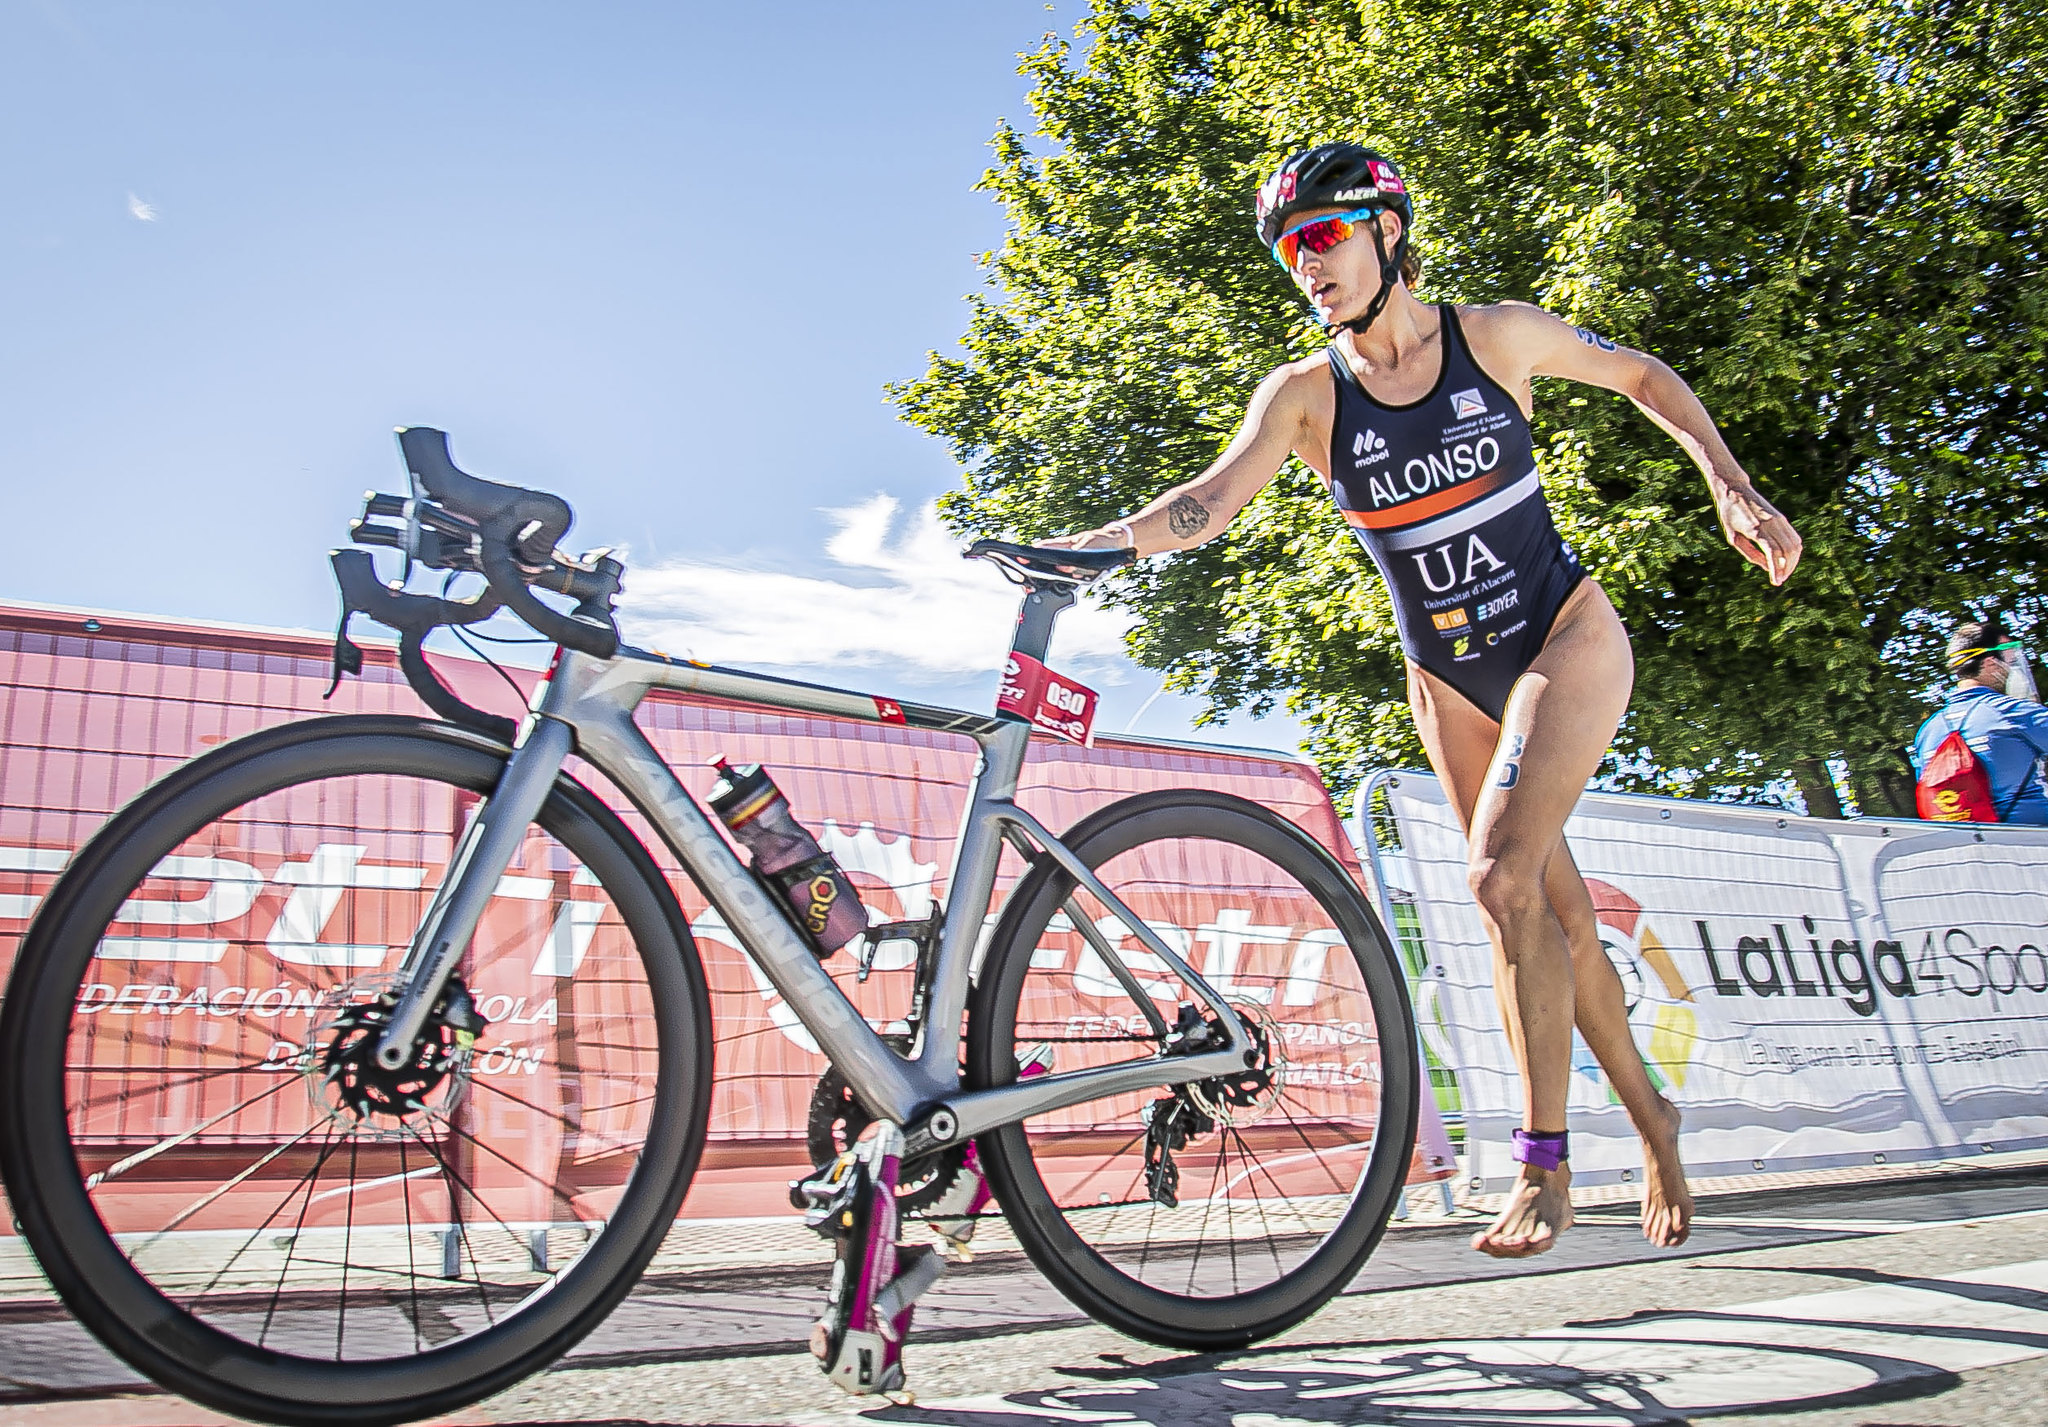 Triatlón de Pontevedra - Bike